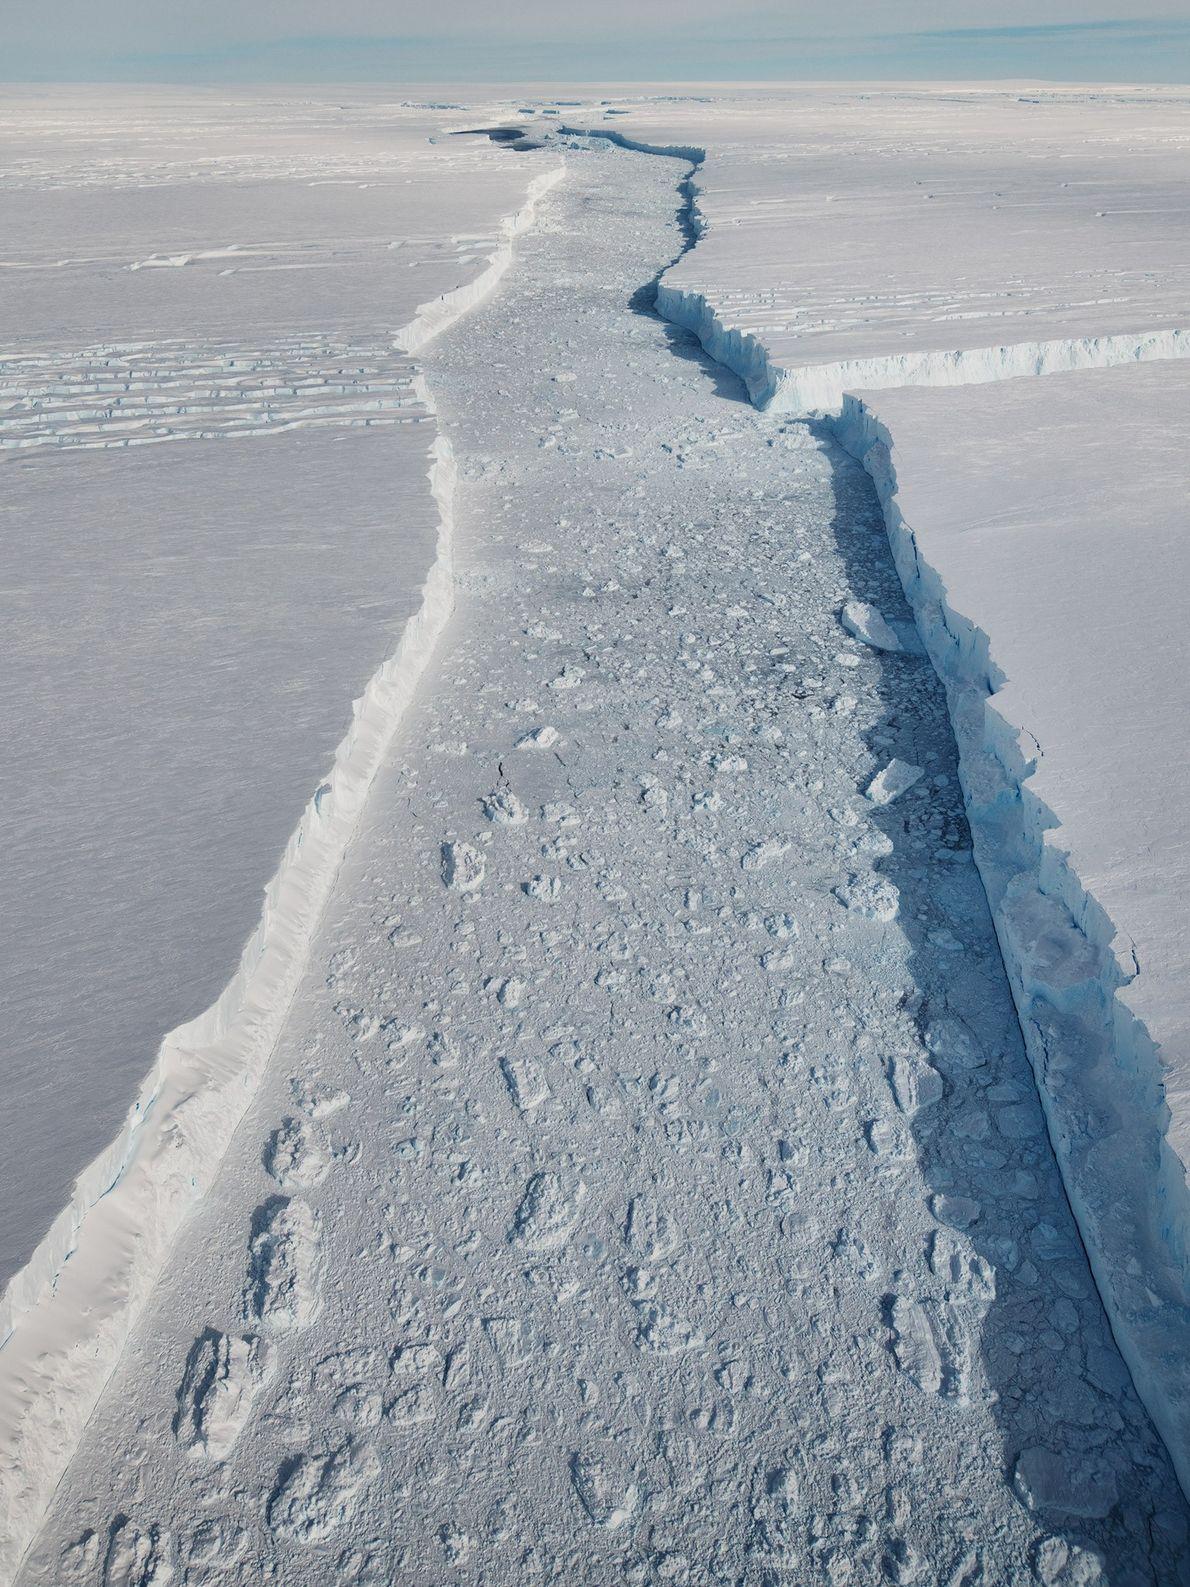 Otra vista de la fisura principal entre el B-46 y la plataforma de hielo.